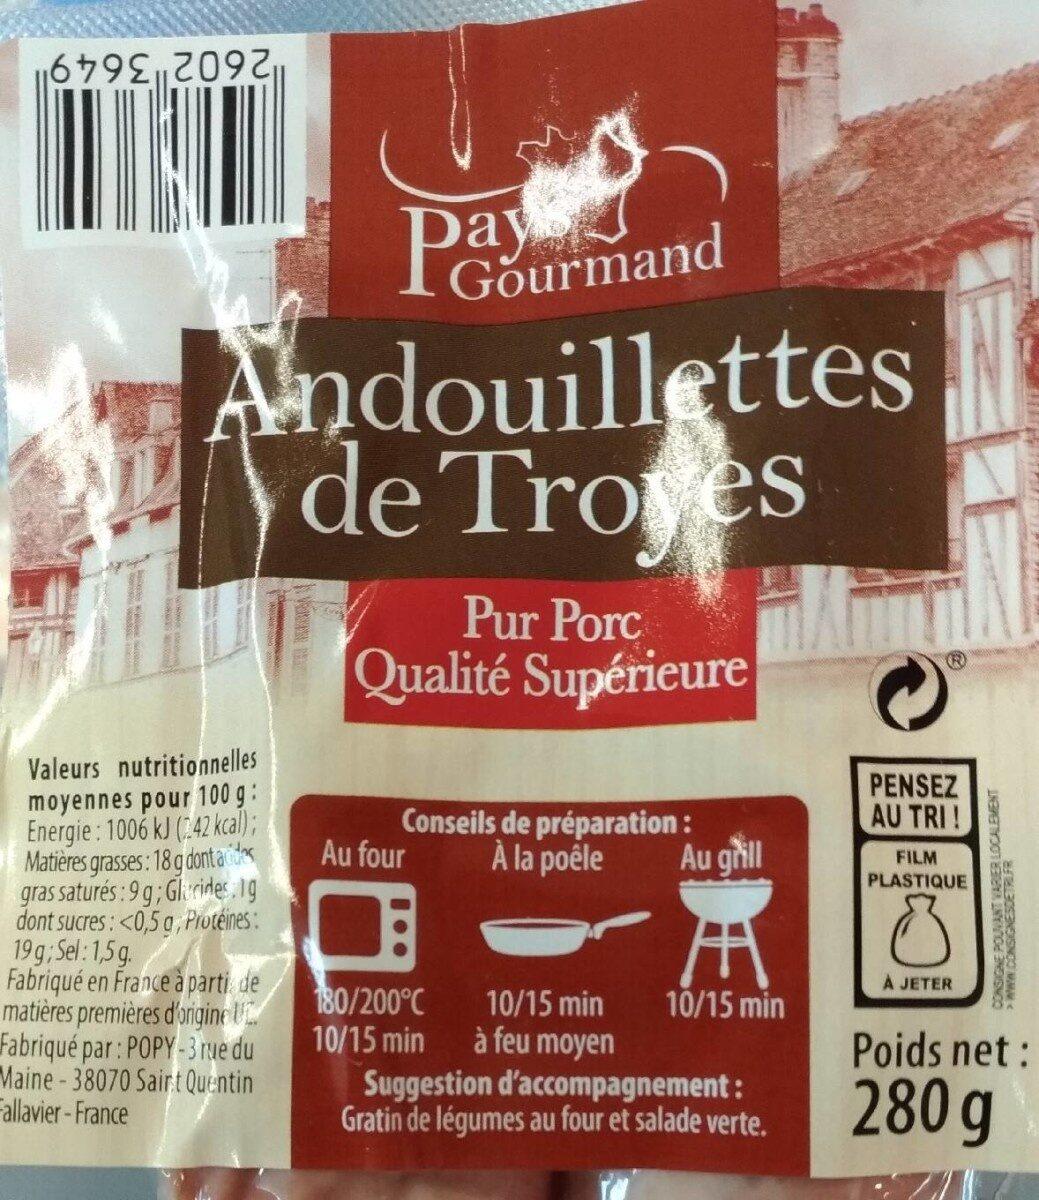 Andouillette de Troyes - Product - fr